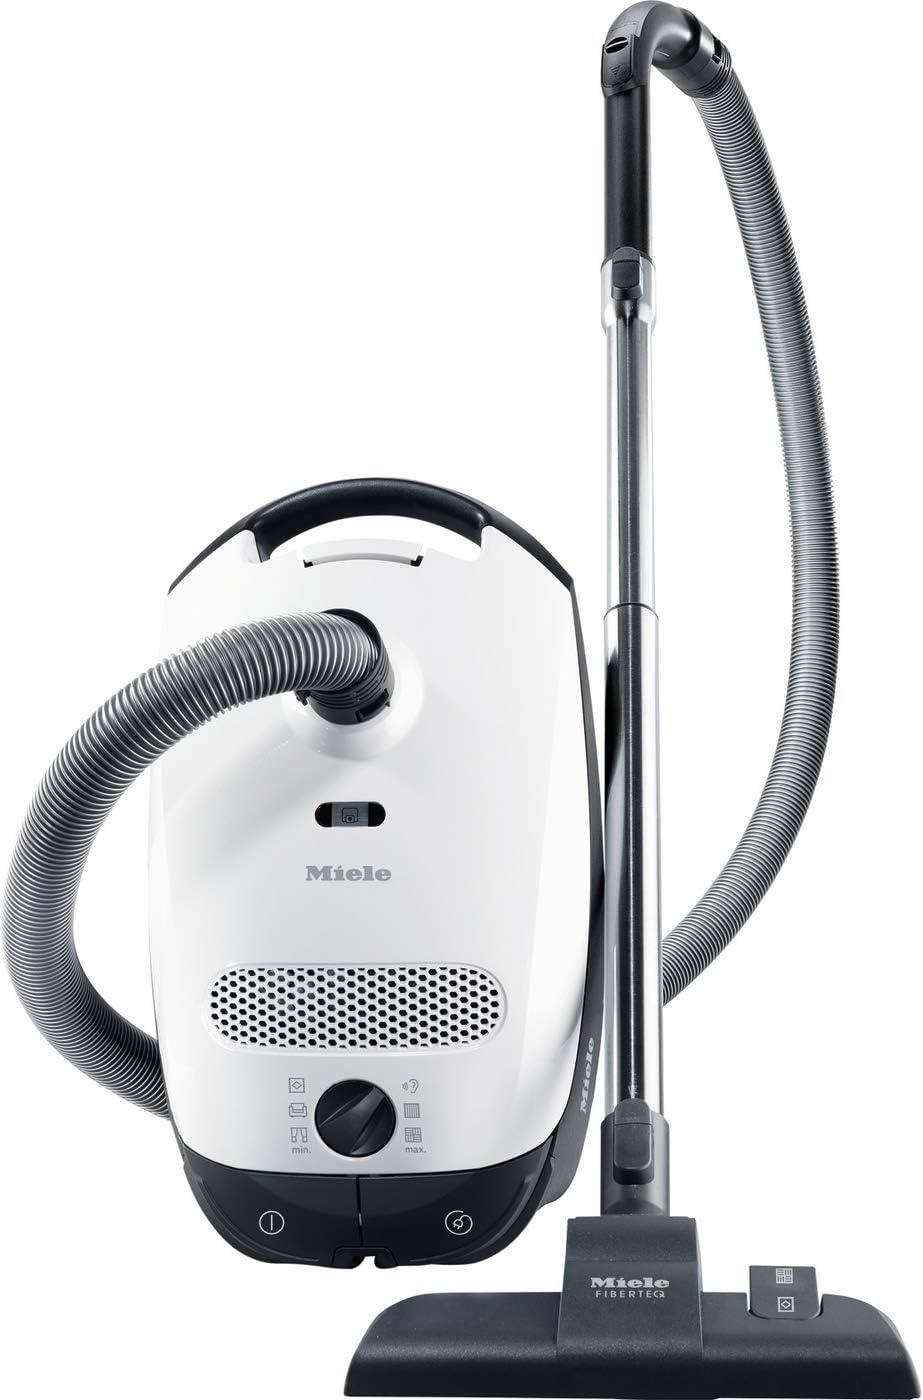 Miele 11488820, Classic C1 Special Powerline - Aspiradora con Bolsa (800 W, 3 Accesorios, automática) Recogecables Blanco: Amazon.es: Hogar